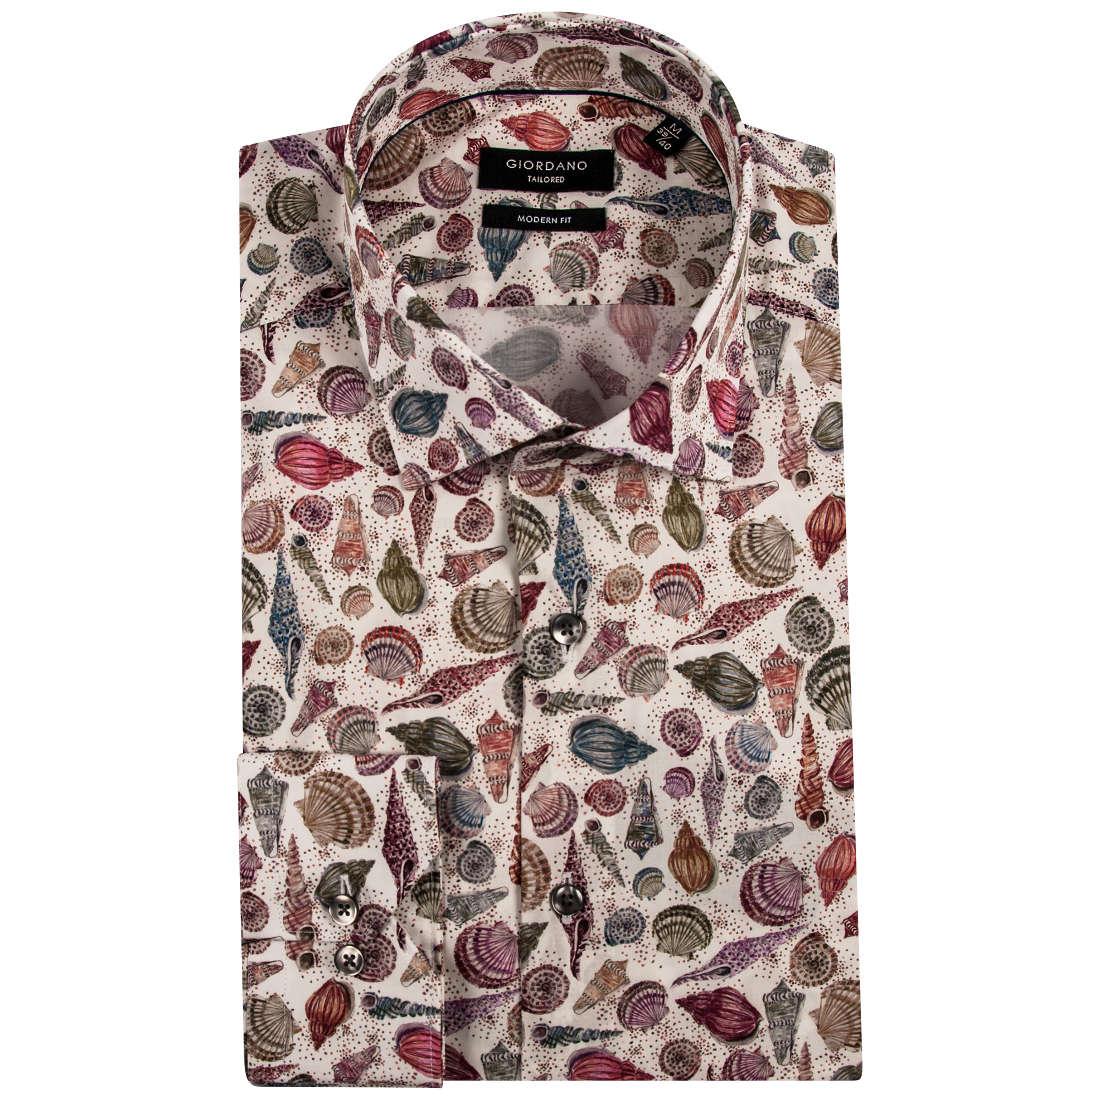 Giordano overhemd Modern Fit 91-7802 in het Multicolor